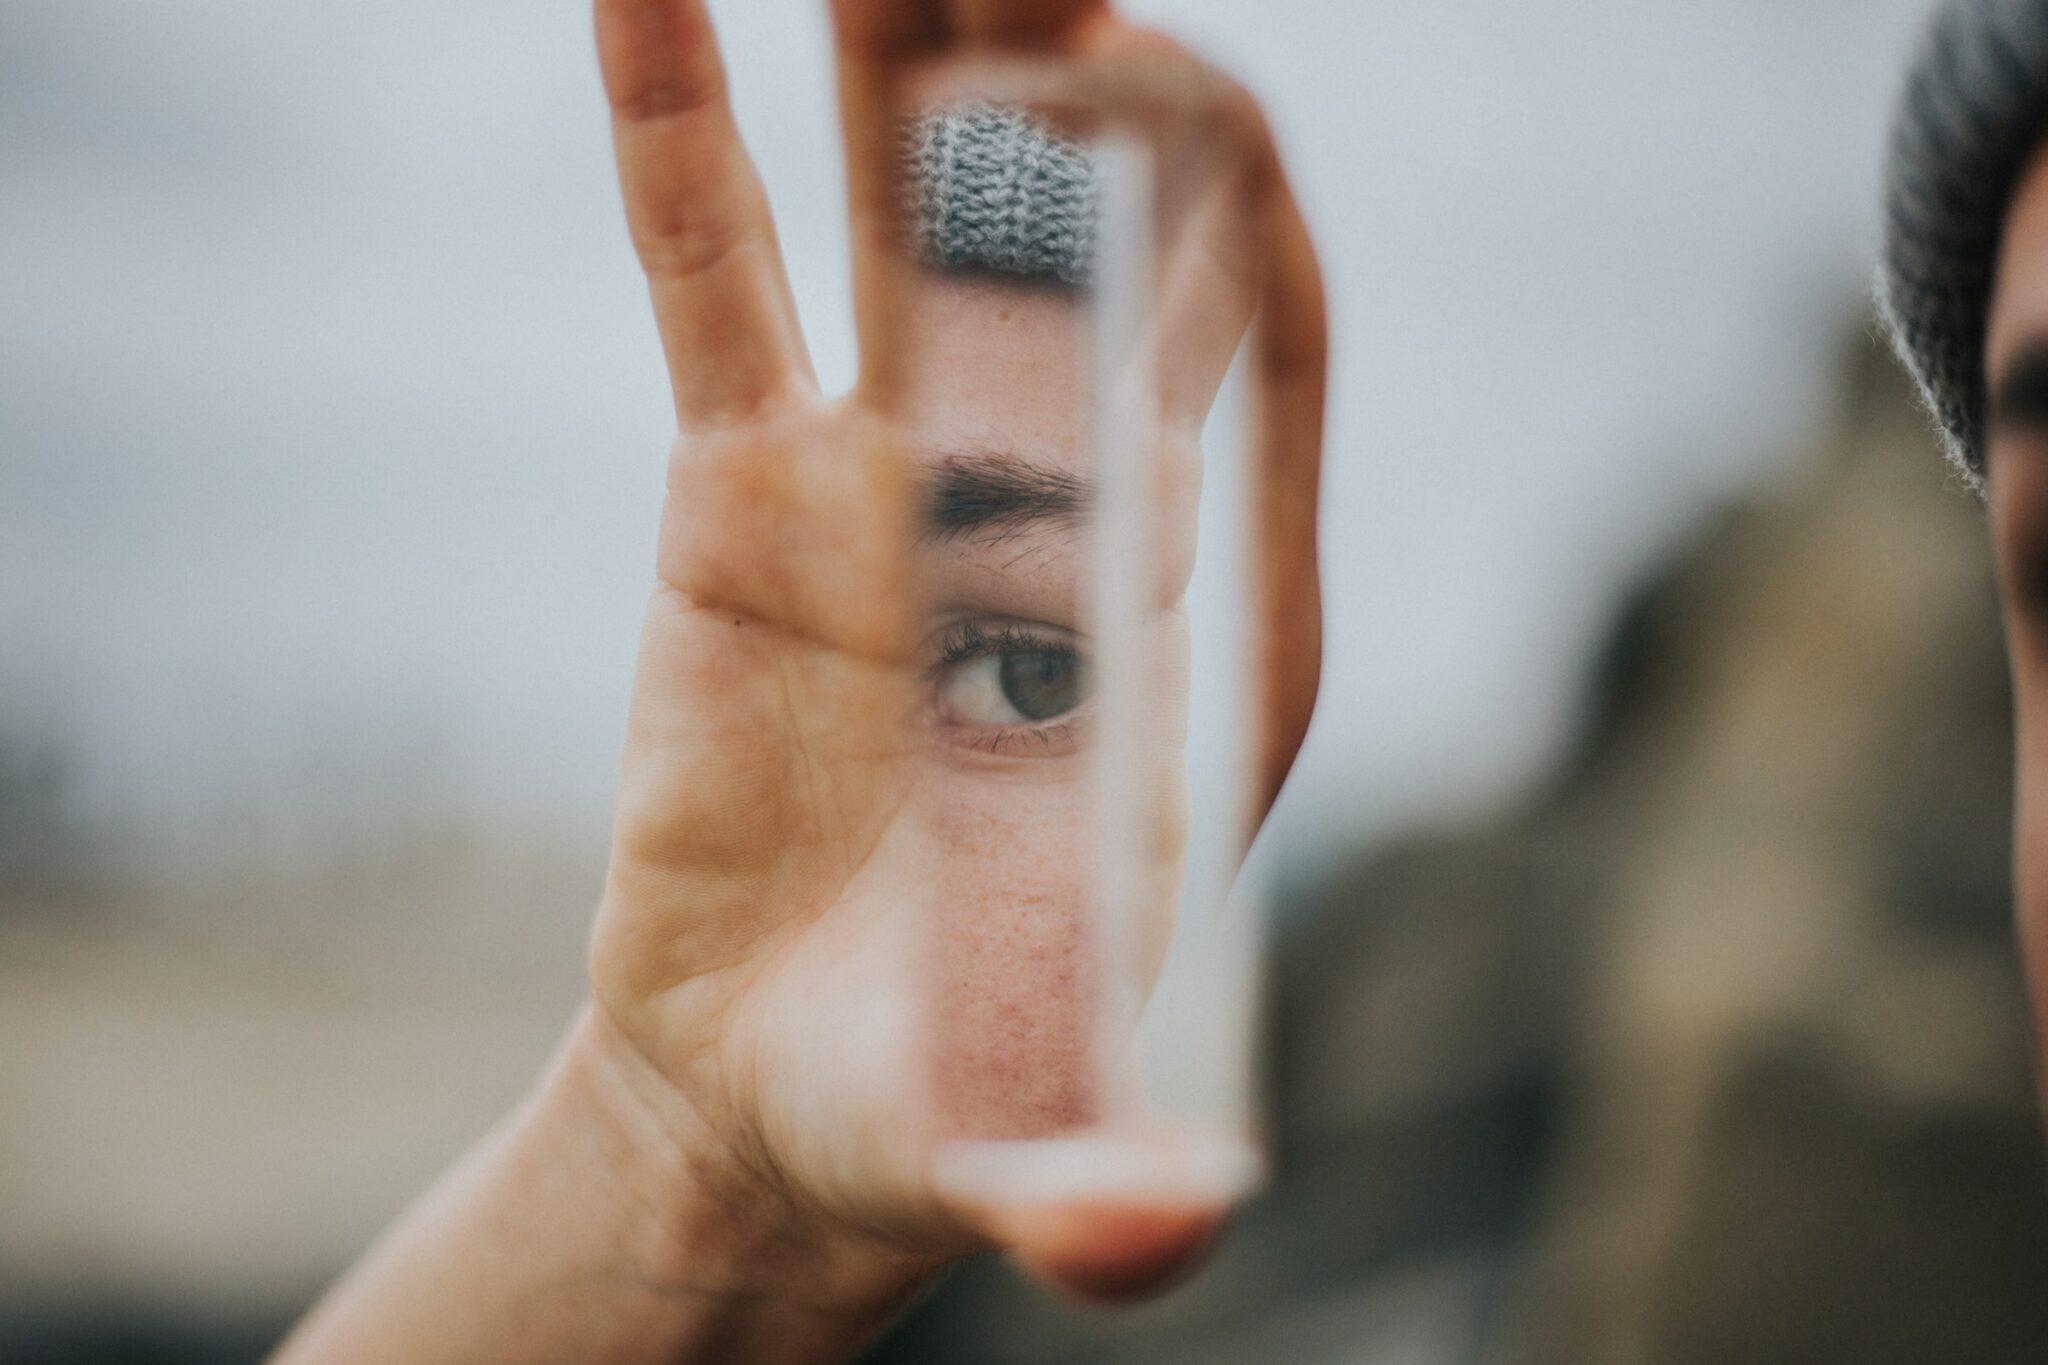 Eine Hand hält hochkant einen länglichen Spiegel, in dem sich das Auge einer Frau mit grauer Wollmütze spiegelt.